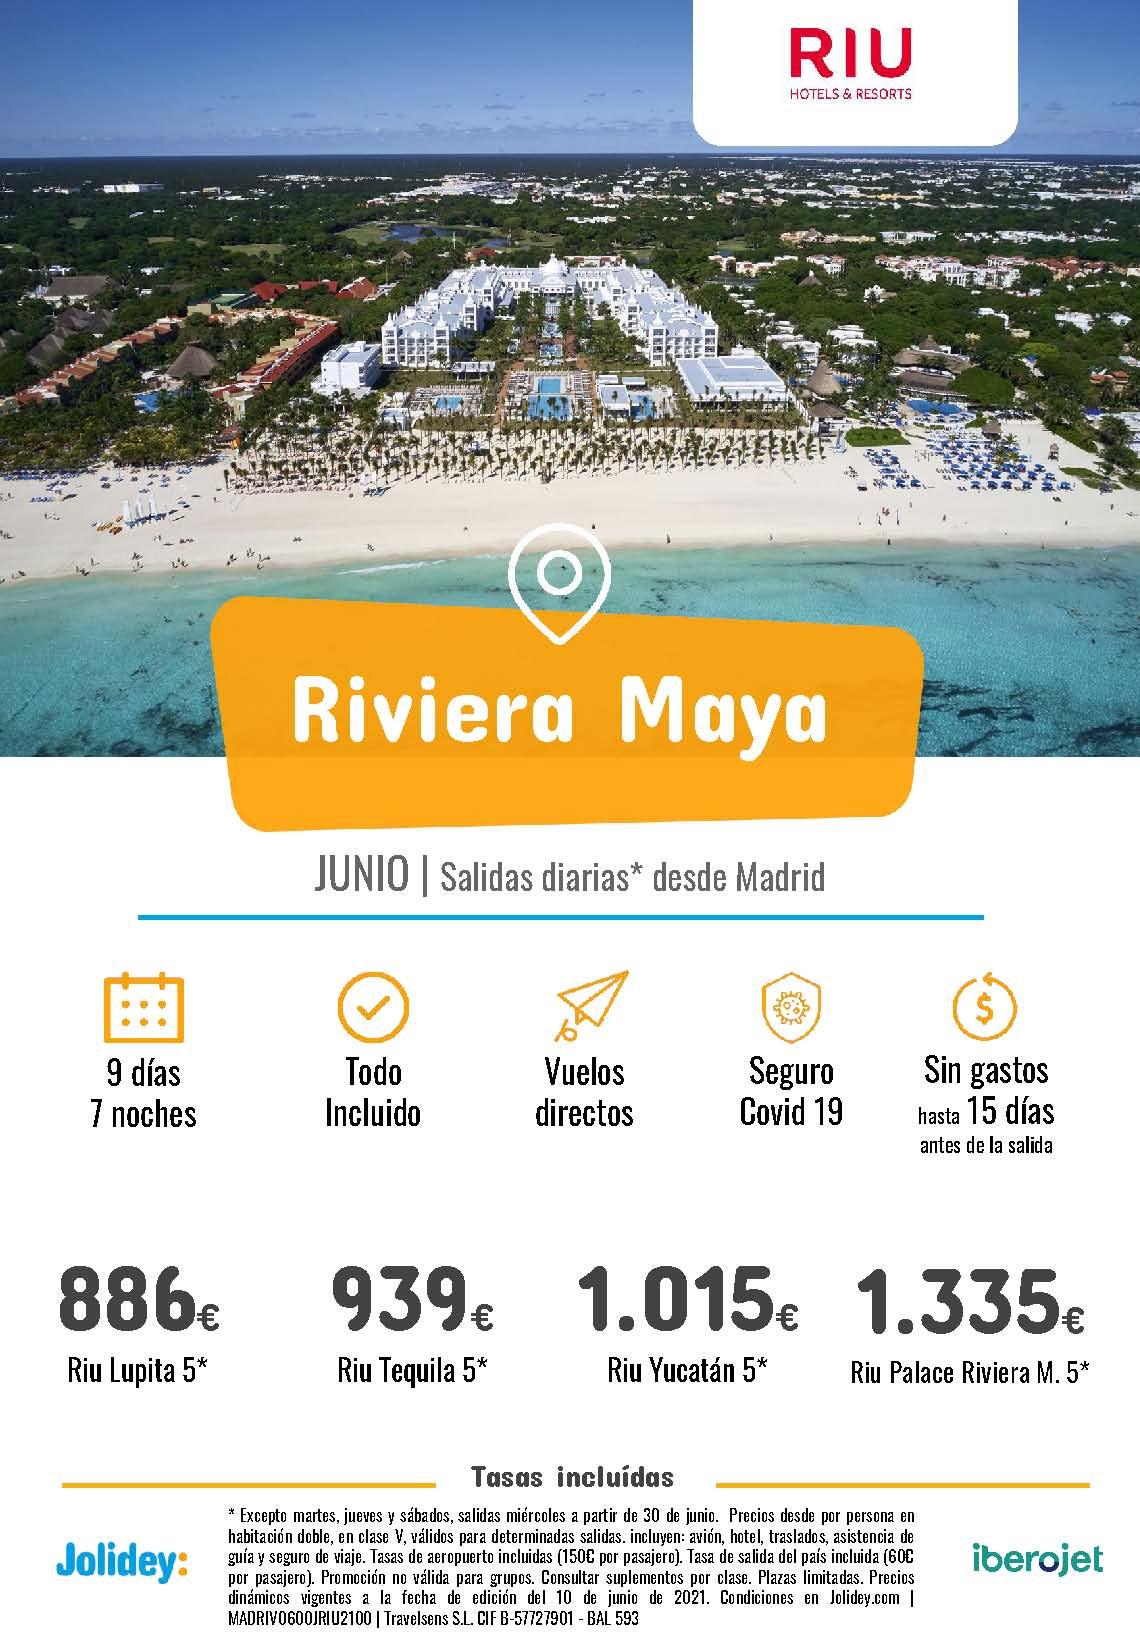 Ofertas Jolidey Riviera Maya en Hoteles Riu Junio 2021 vuelo directo desde Madrid